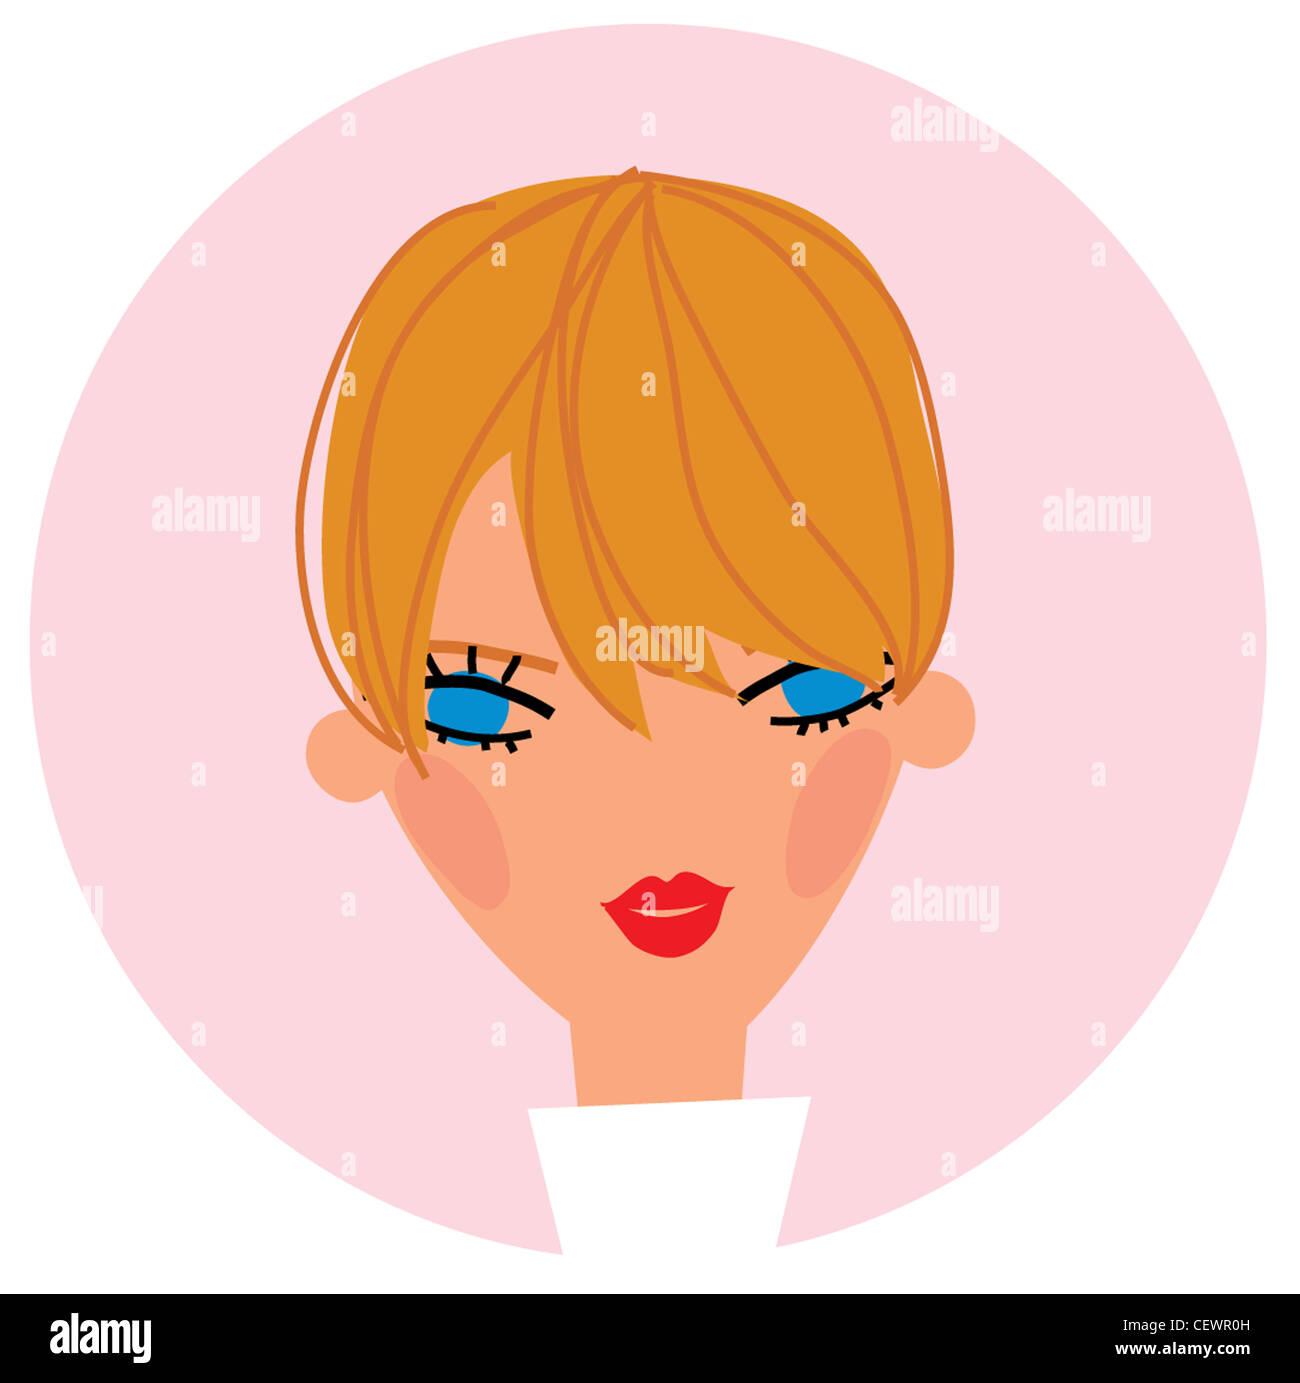 Fringe Hairstyles Stock Photos Fringe Hairstyles Stock Images Alamy